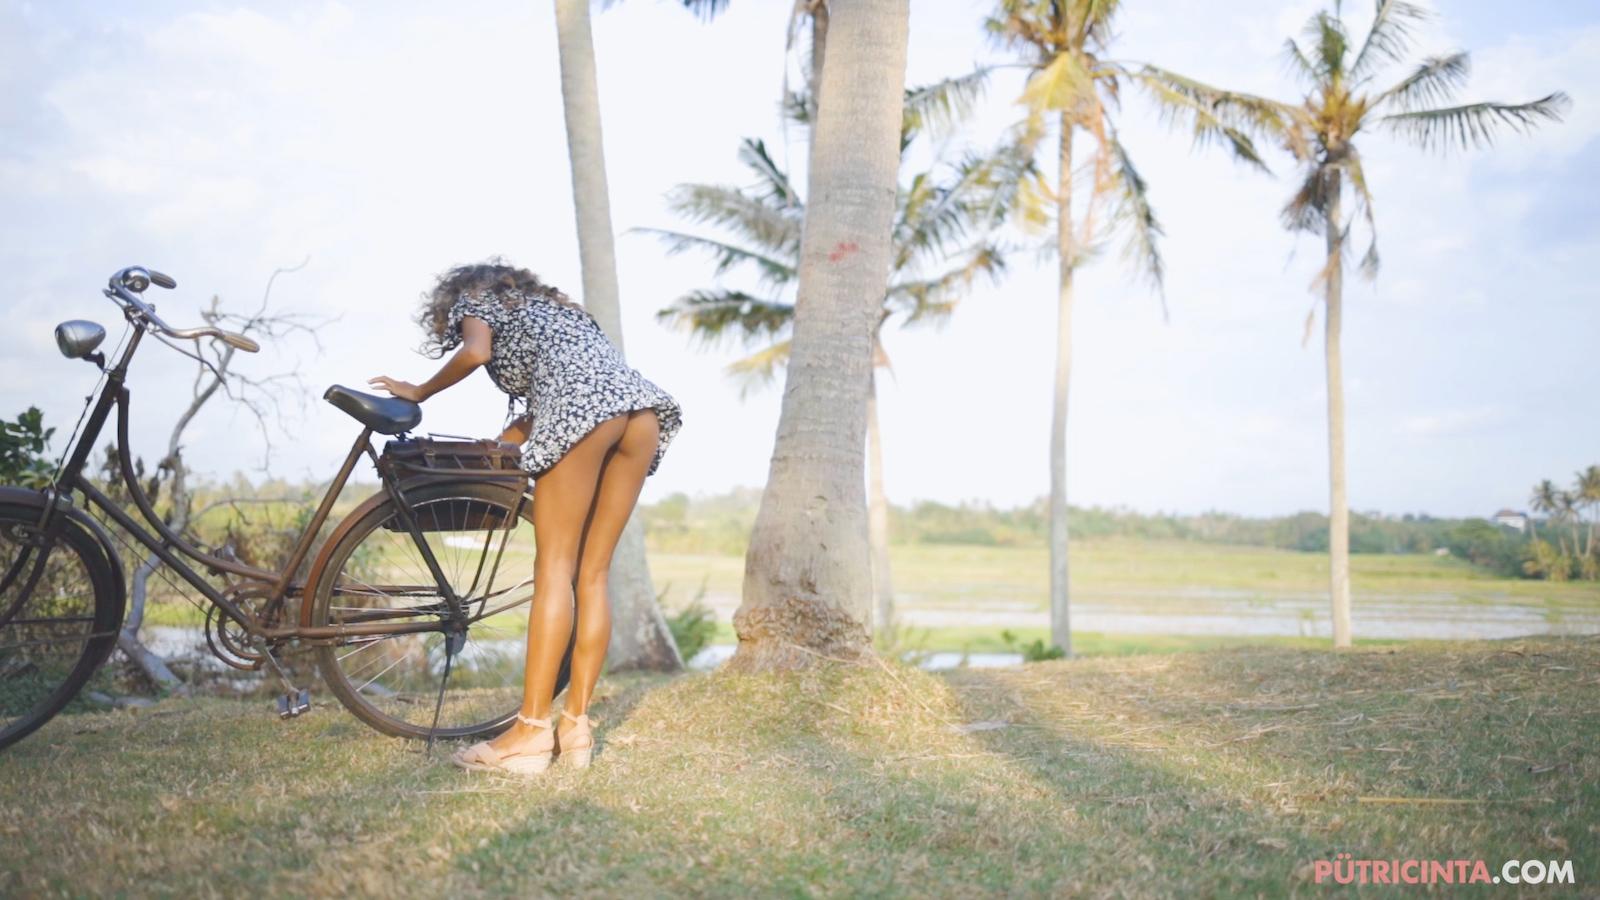 024-cyclingcommando-Putri-Cinta-Mainvid-stills-41.jpg